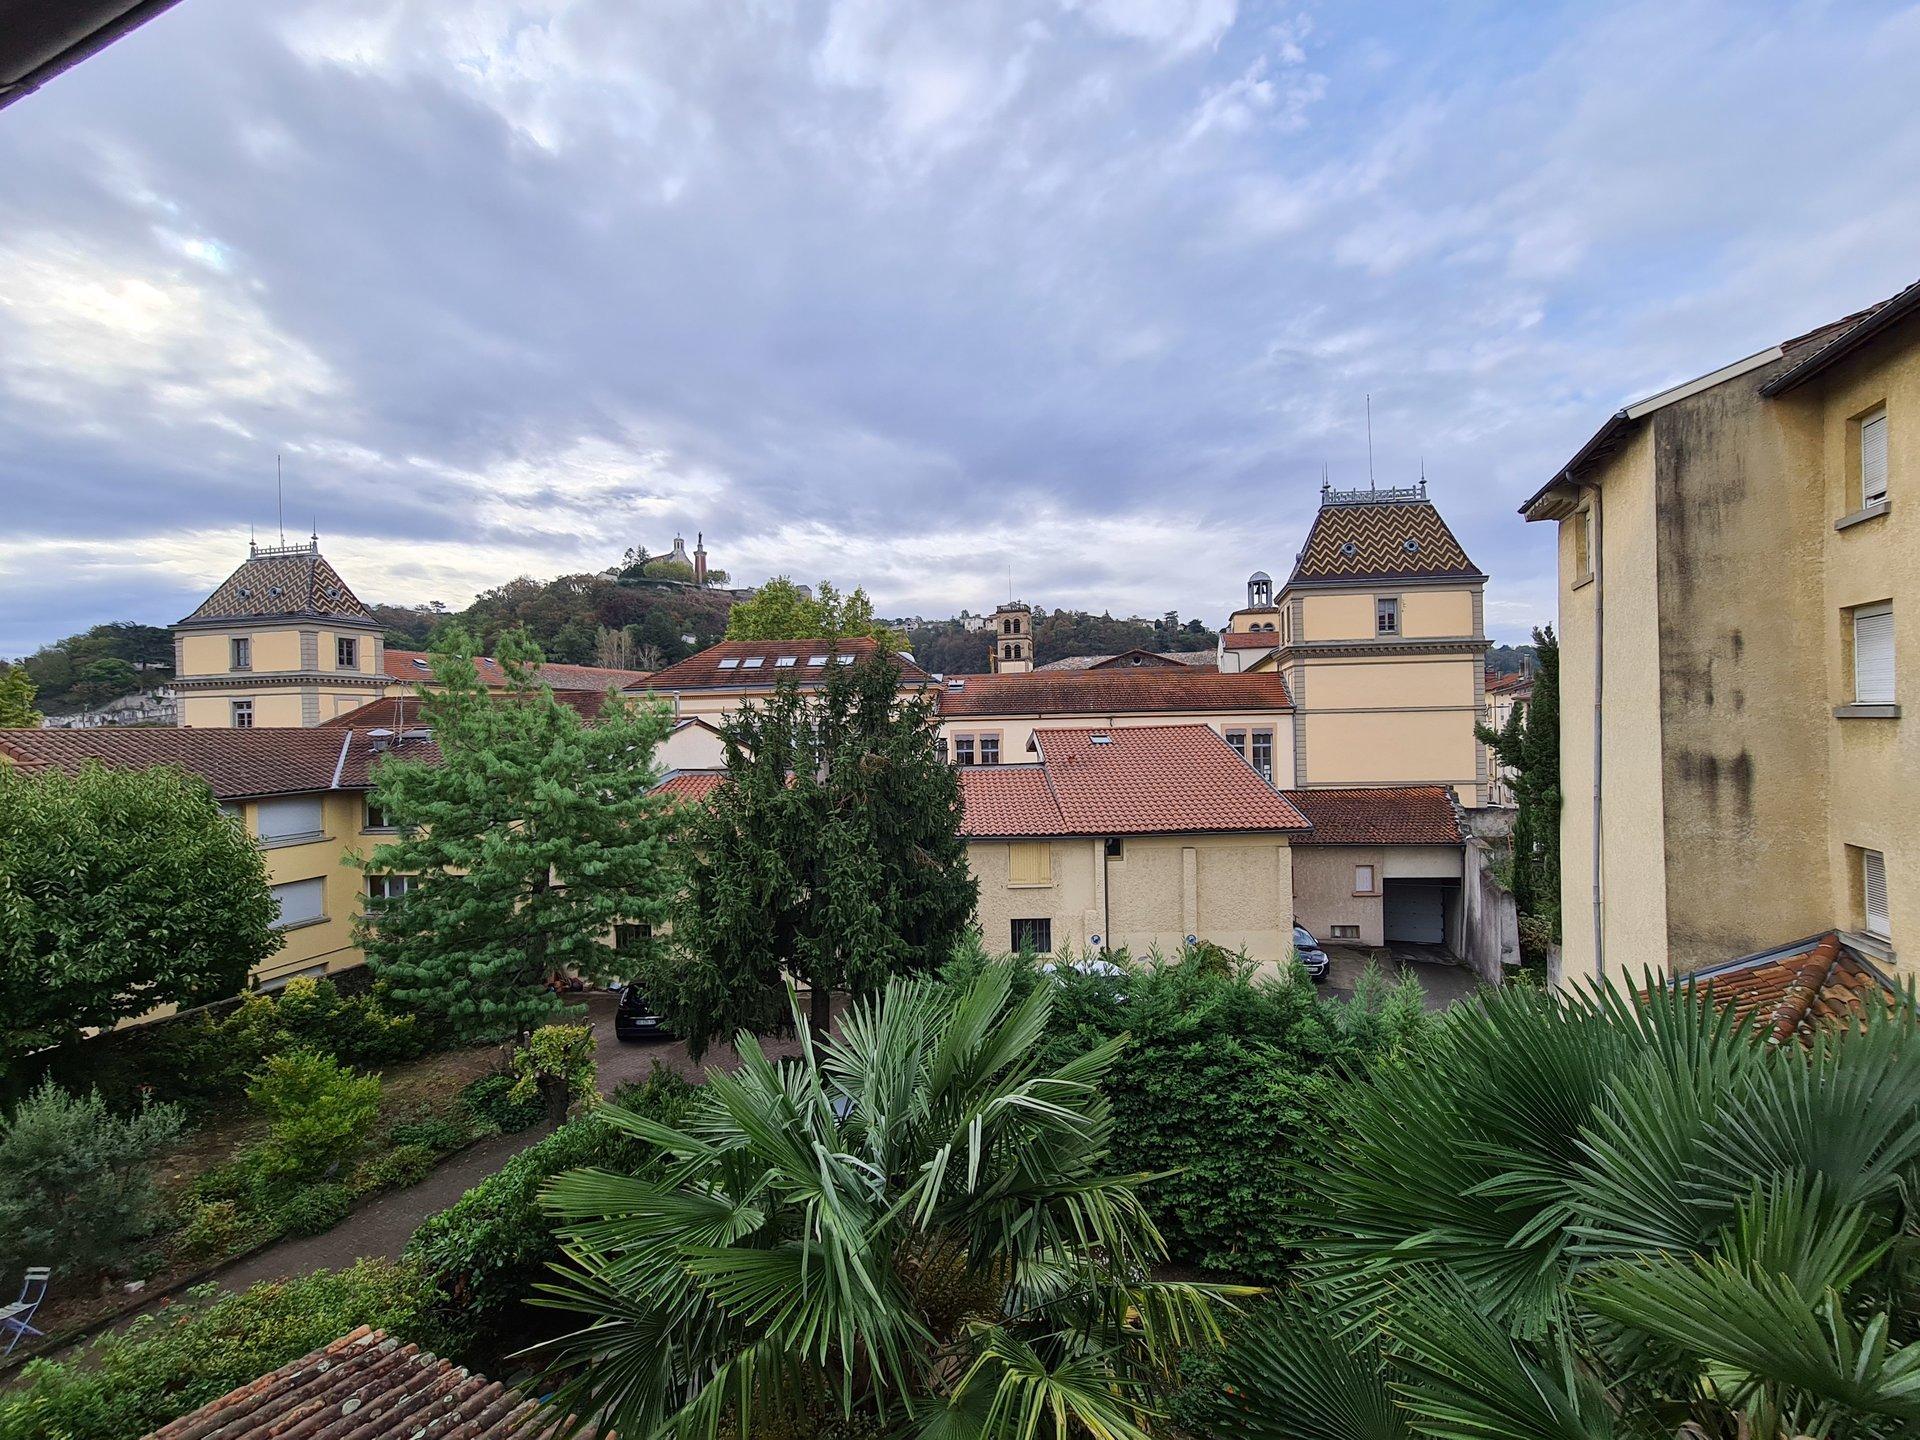 VIENNE centre, Appartement T7 de 143 m² avec parkings possible.